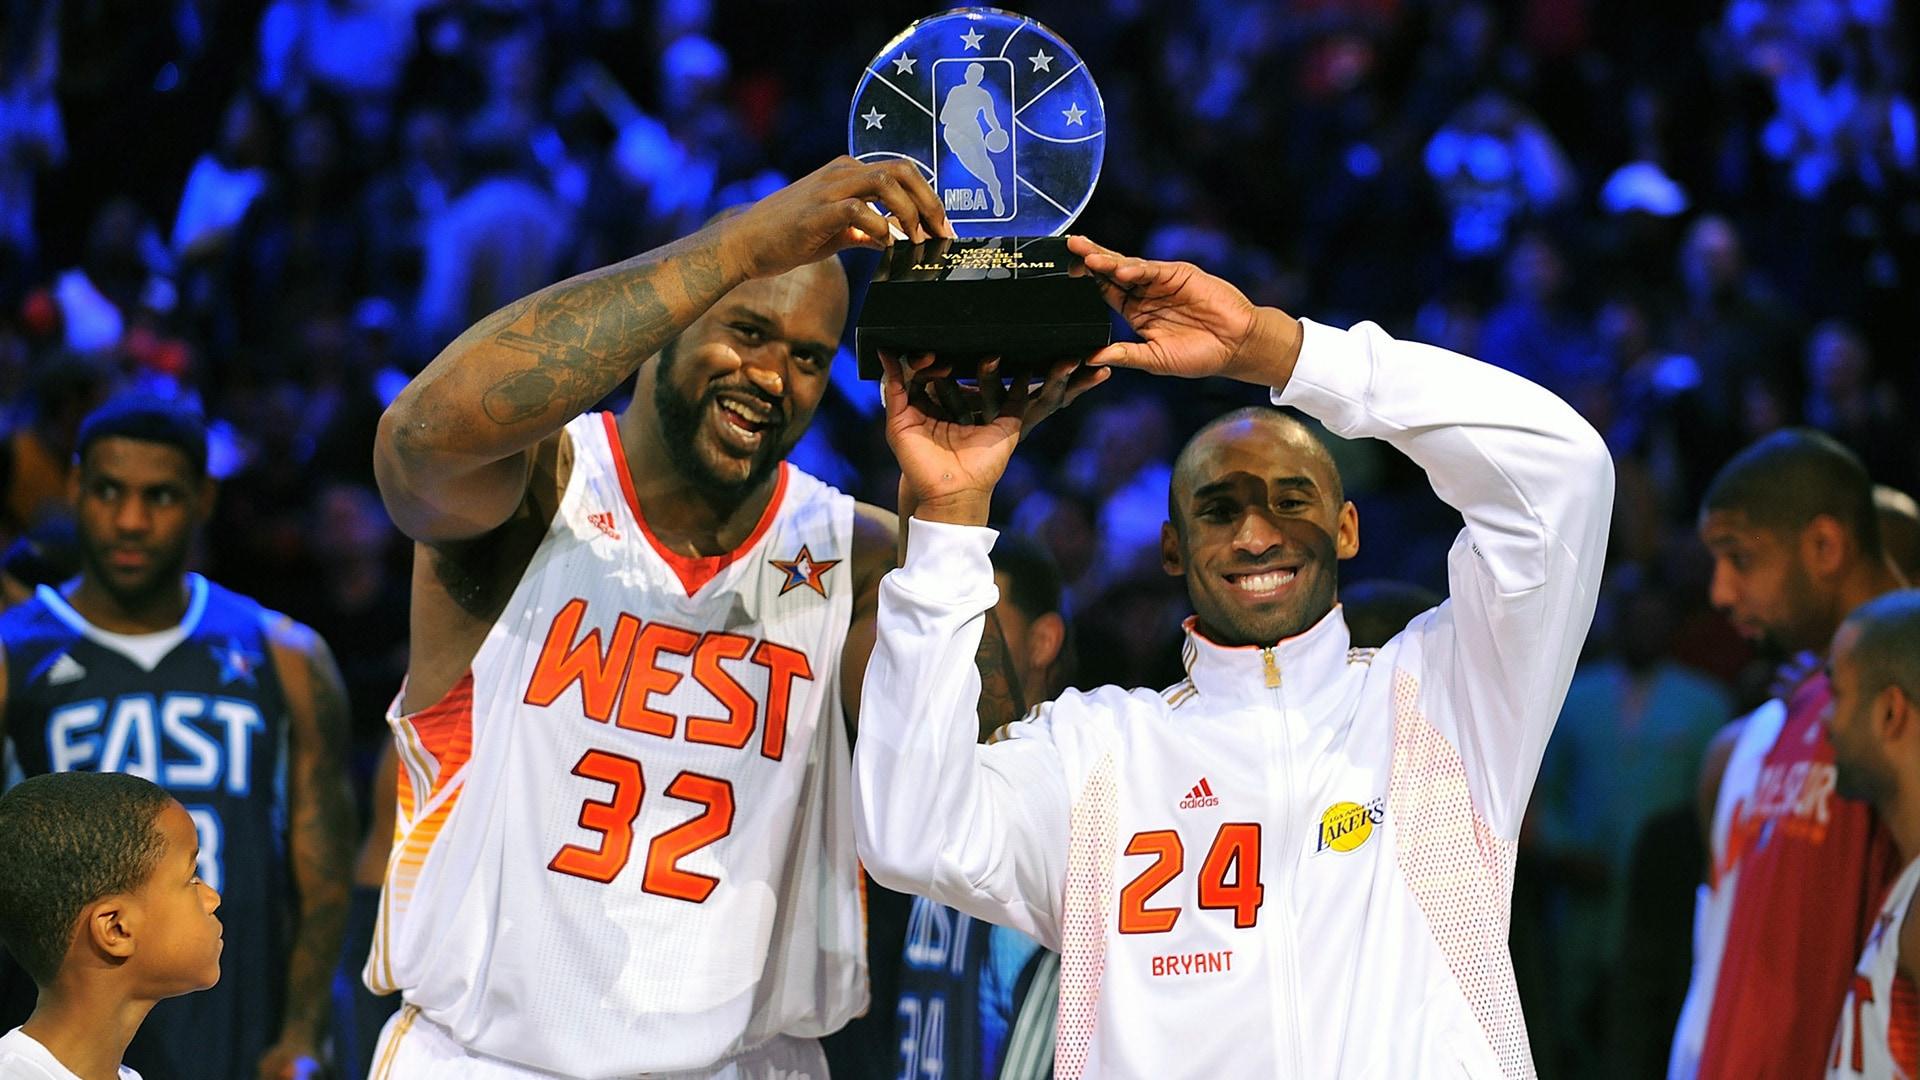 2009 NBA All-Star recap